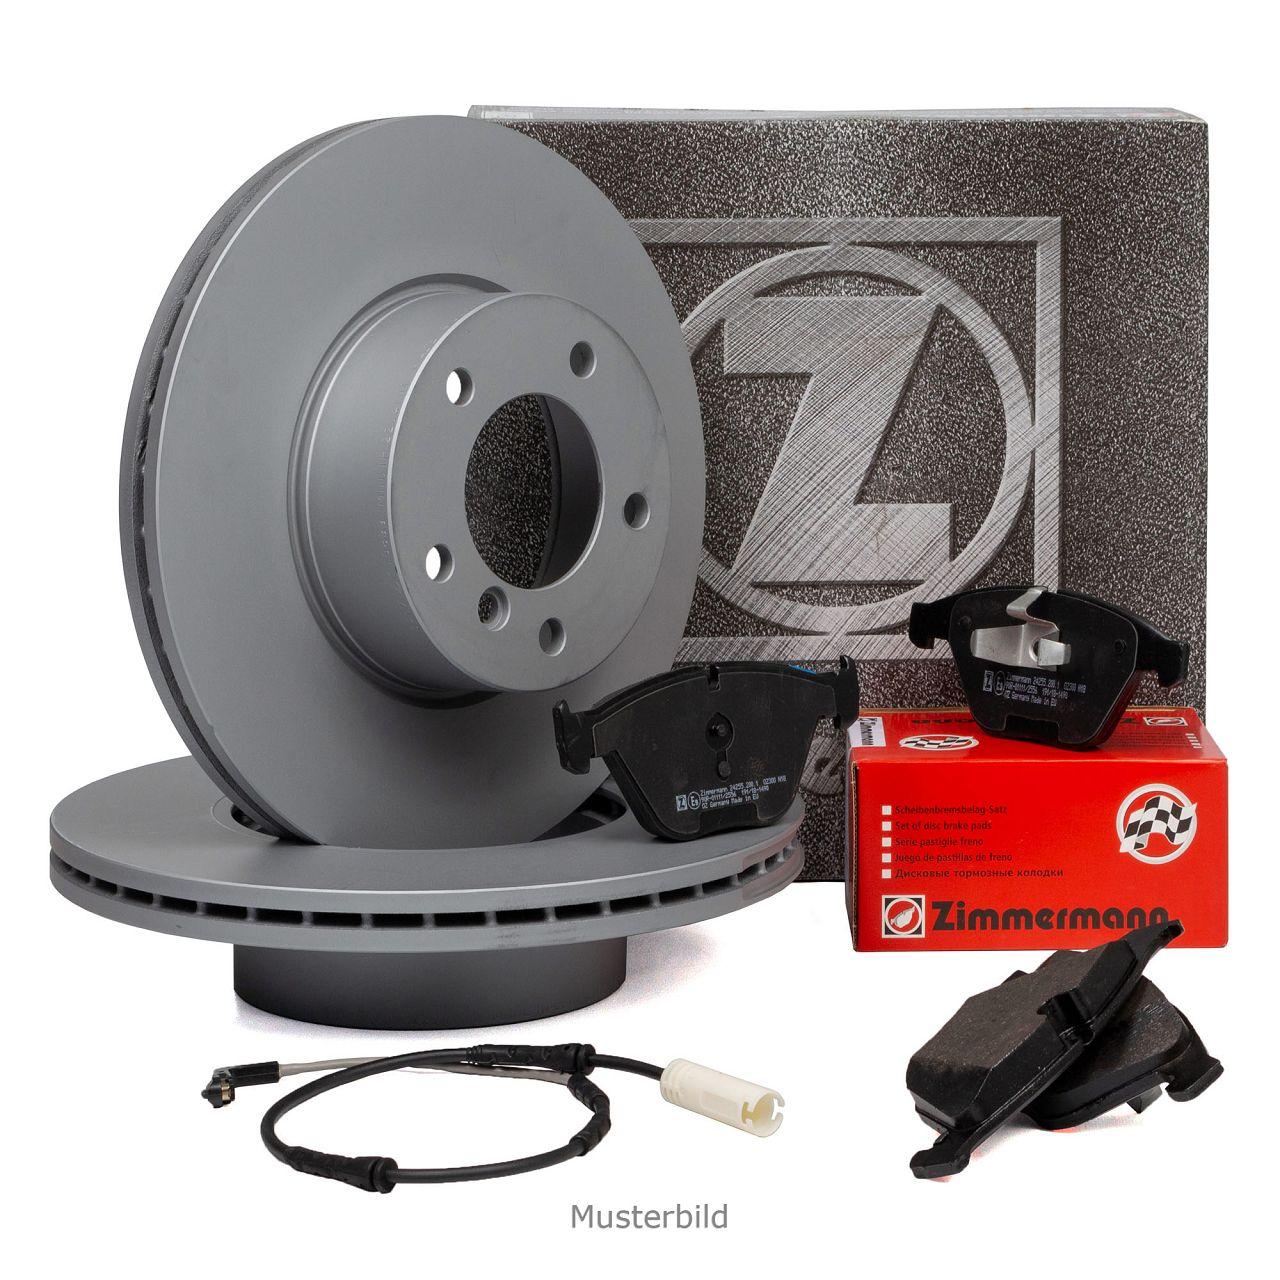 ZIMMERMANN Bremsscheiben + Beläge + Wako für MINI R56 R57 R55 ONE / COOPER vorne